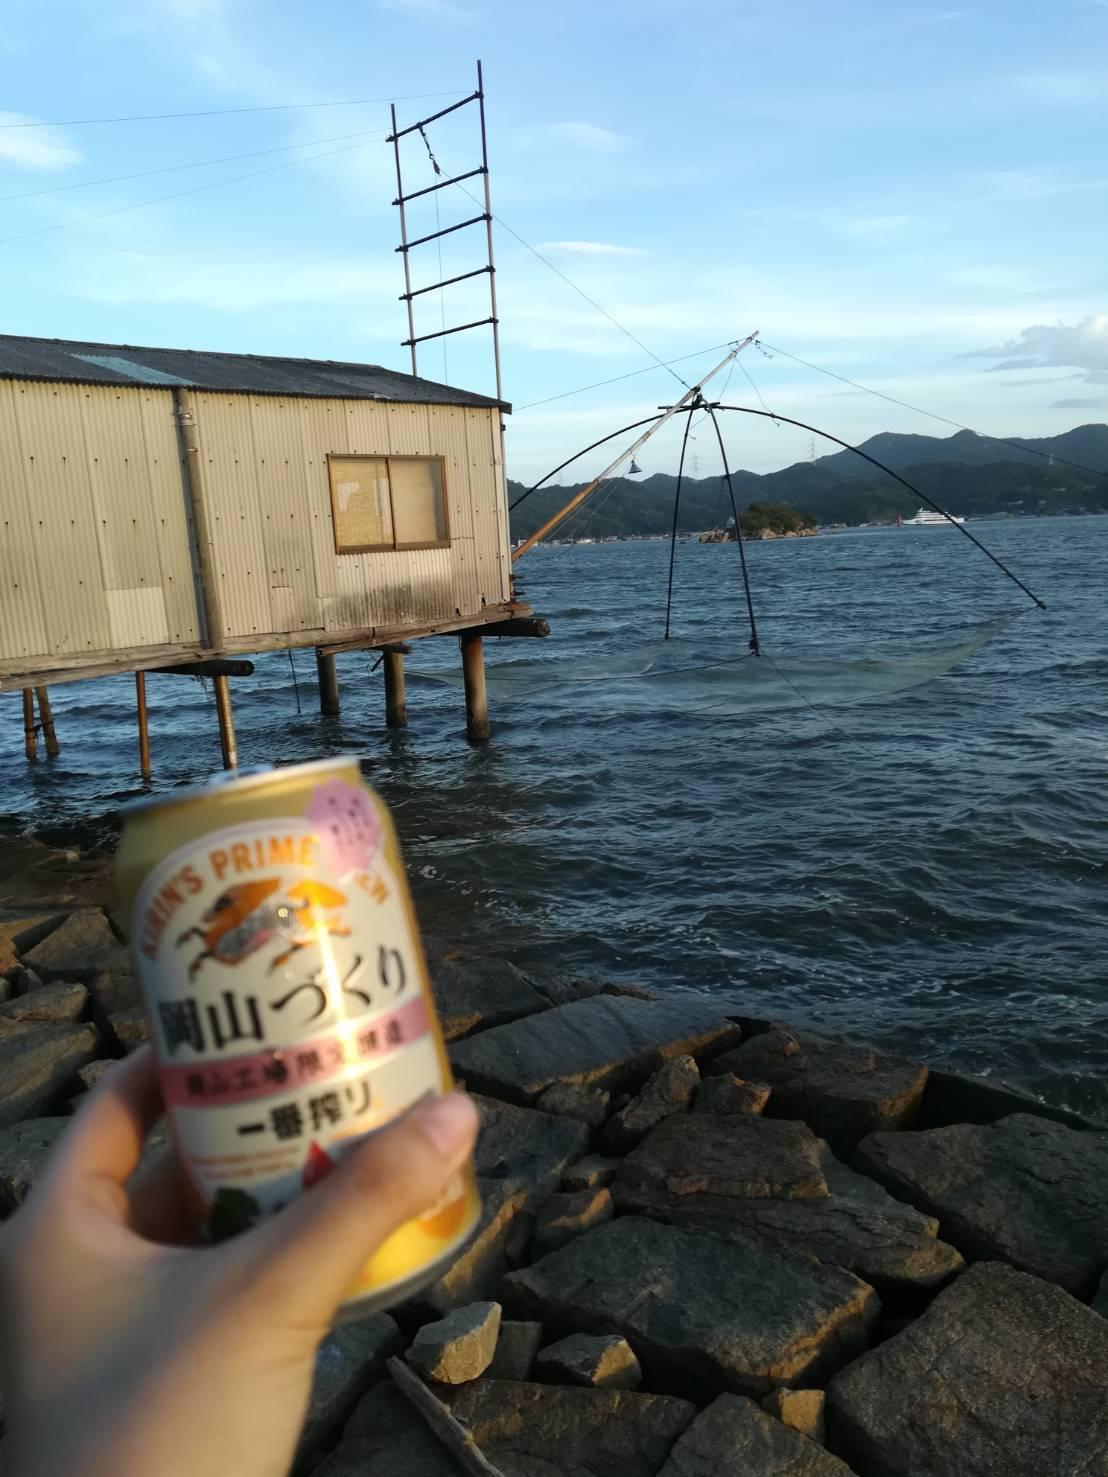 へなちょこ魚好きファミリー、岡山の海で漁をする_c0274374_00405822.jpeg